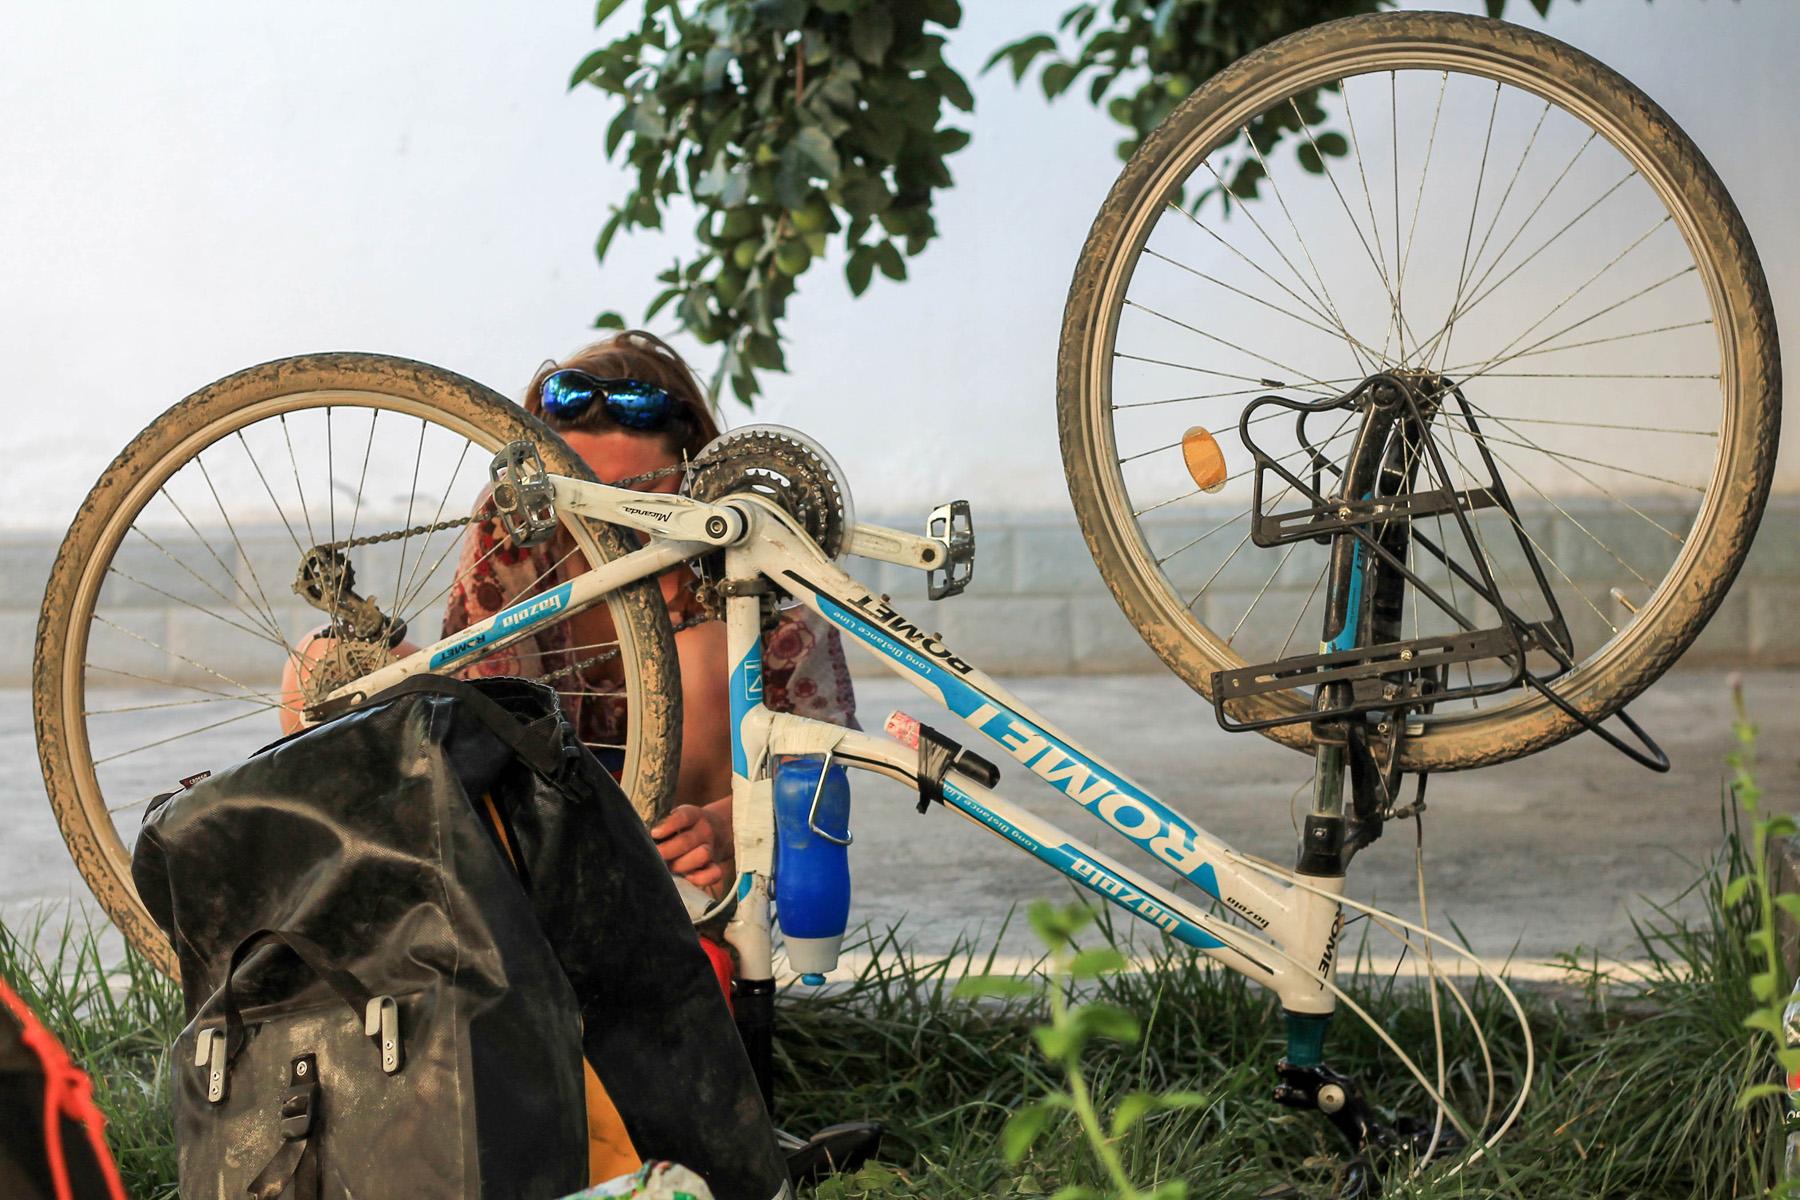 No i wracamy do siebie zająć się nieco rowerami przed dalszą podróżą.